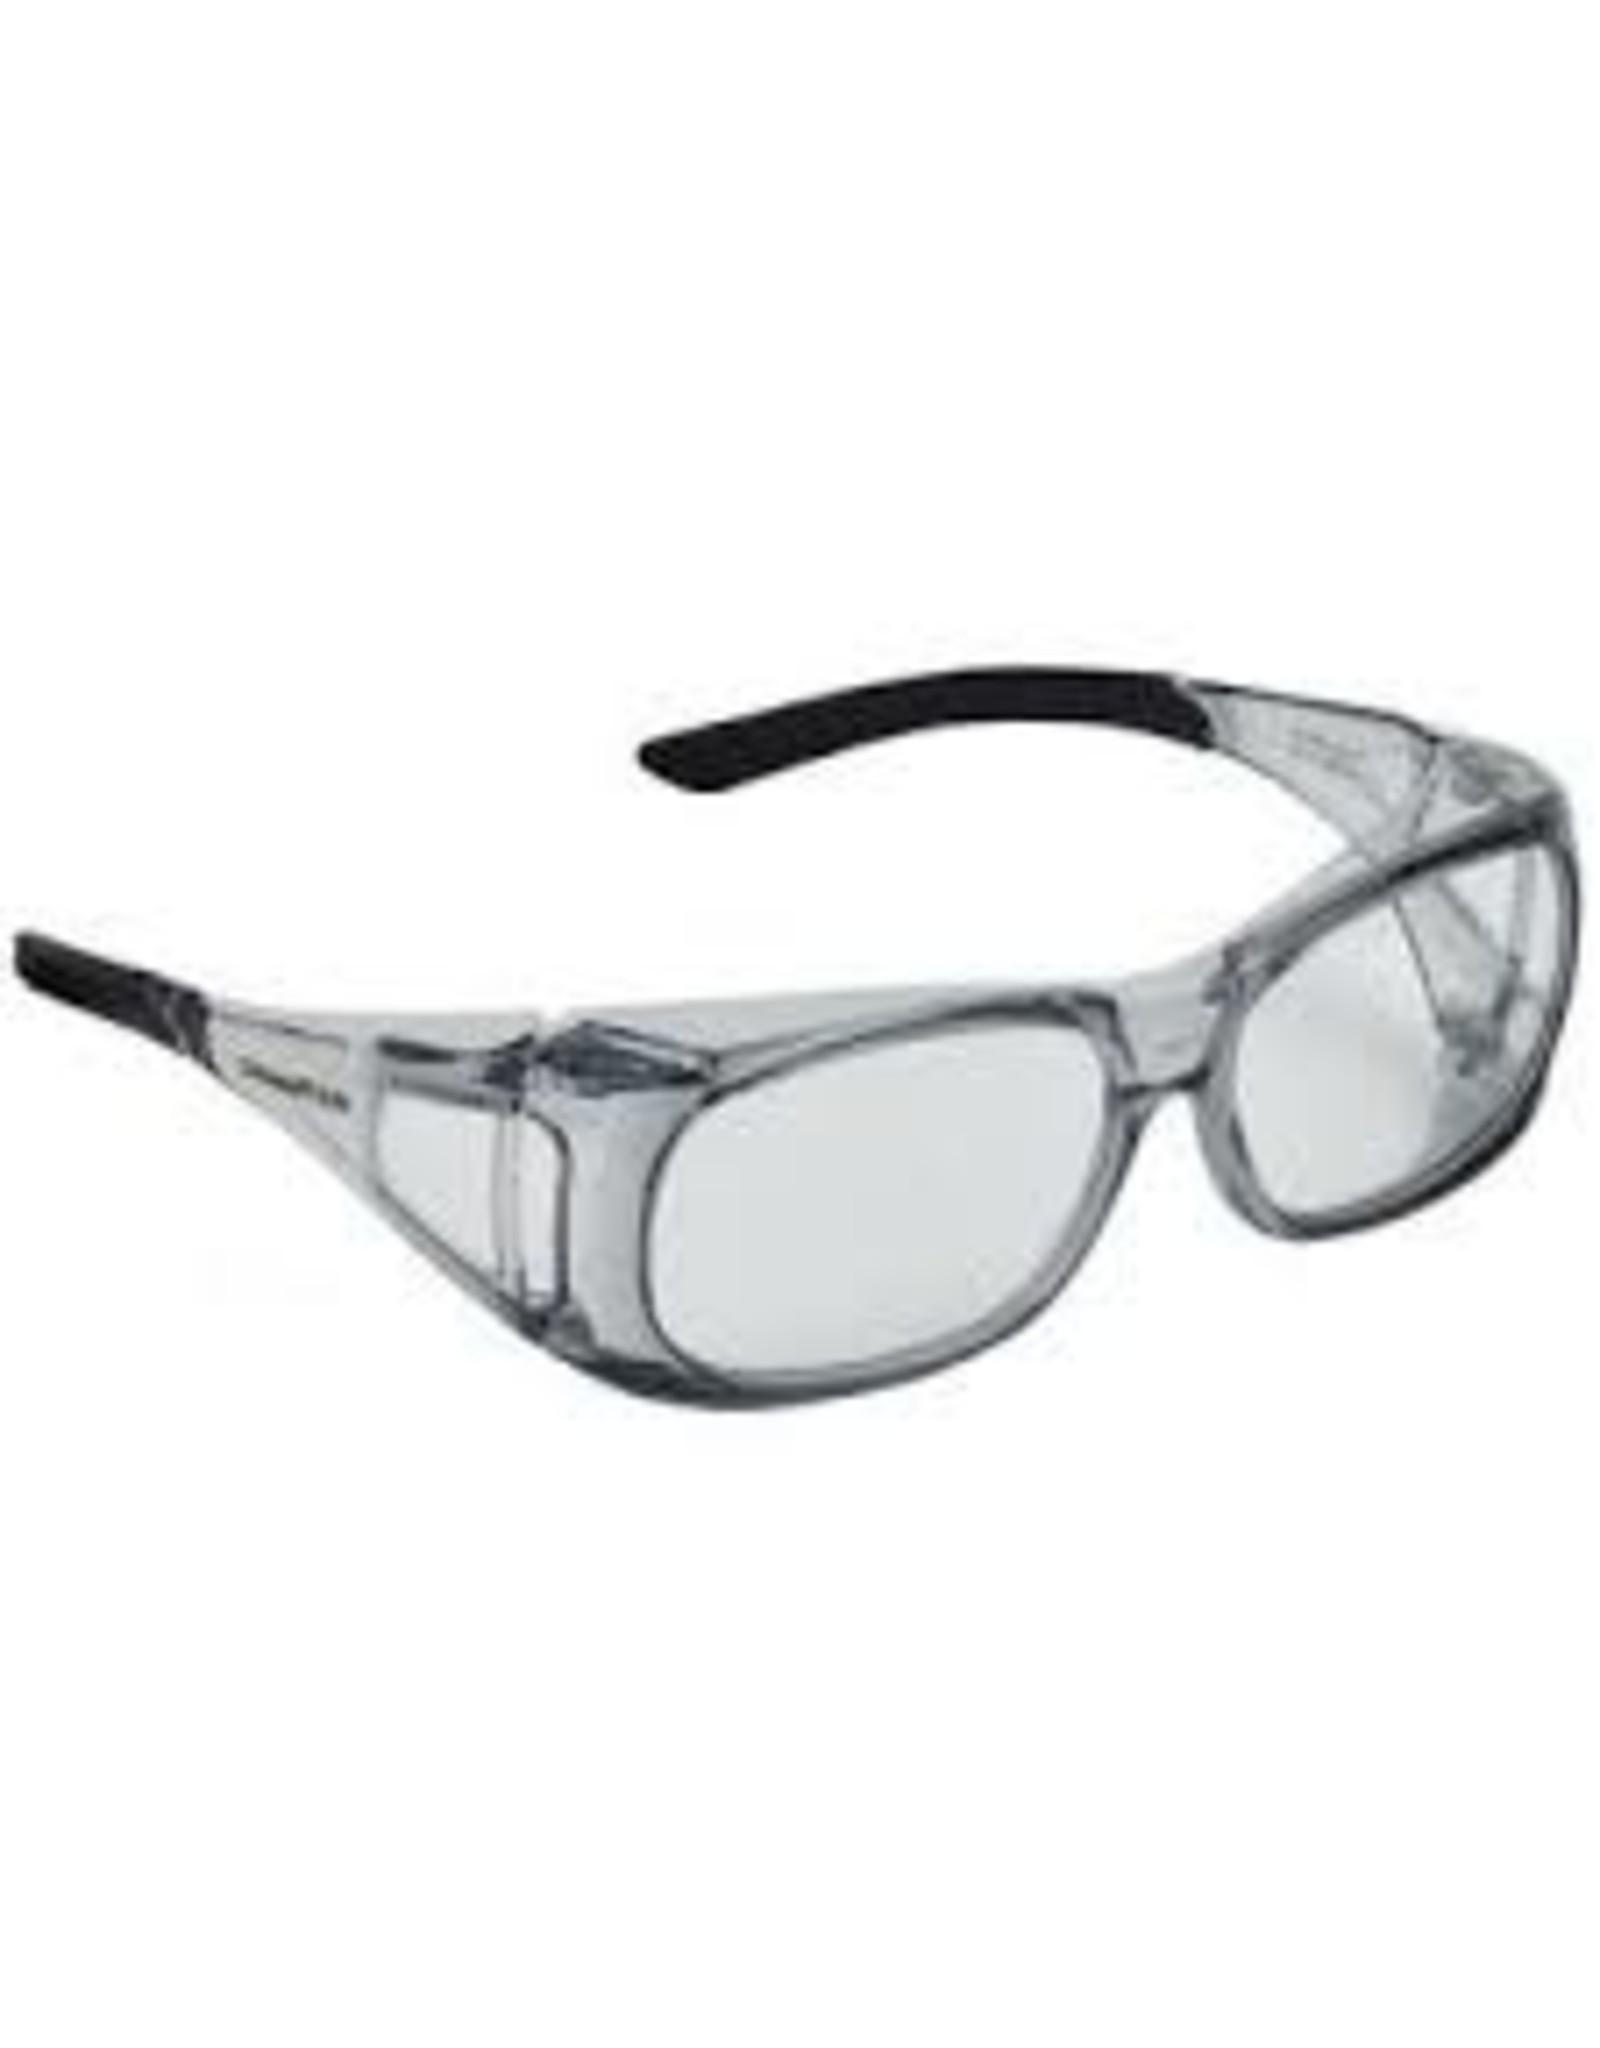 CHAMPION Champion Over-Spec Ballistic Glasses, Clear